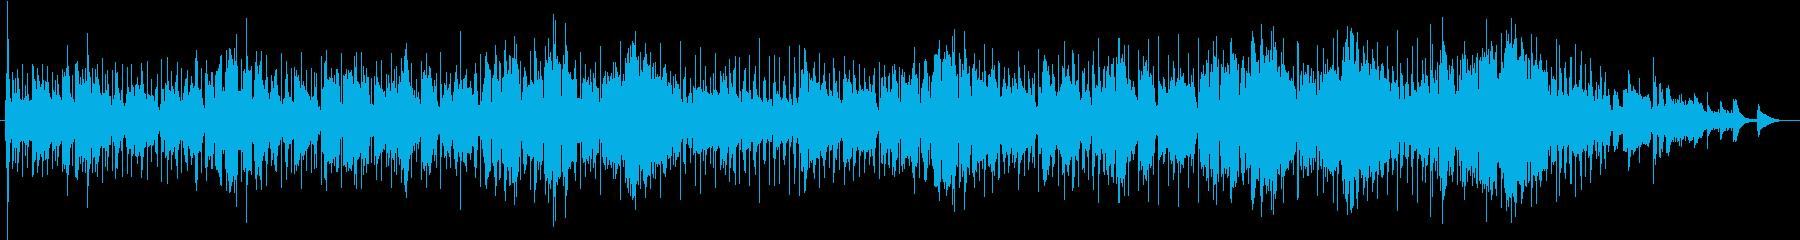 甘く懐かしい思い出のロッカバラードの再生済みの波形